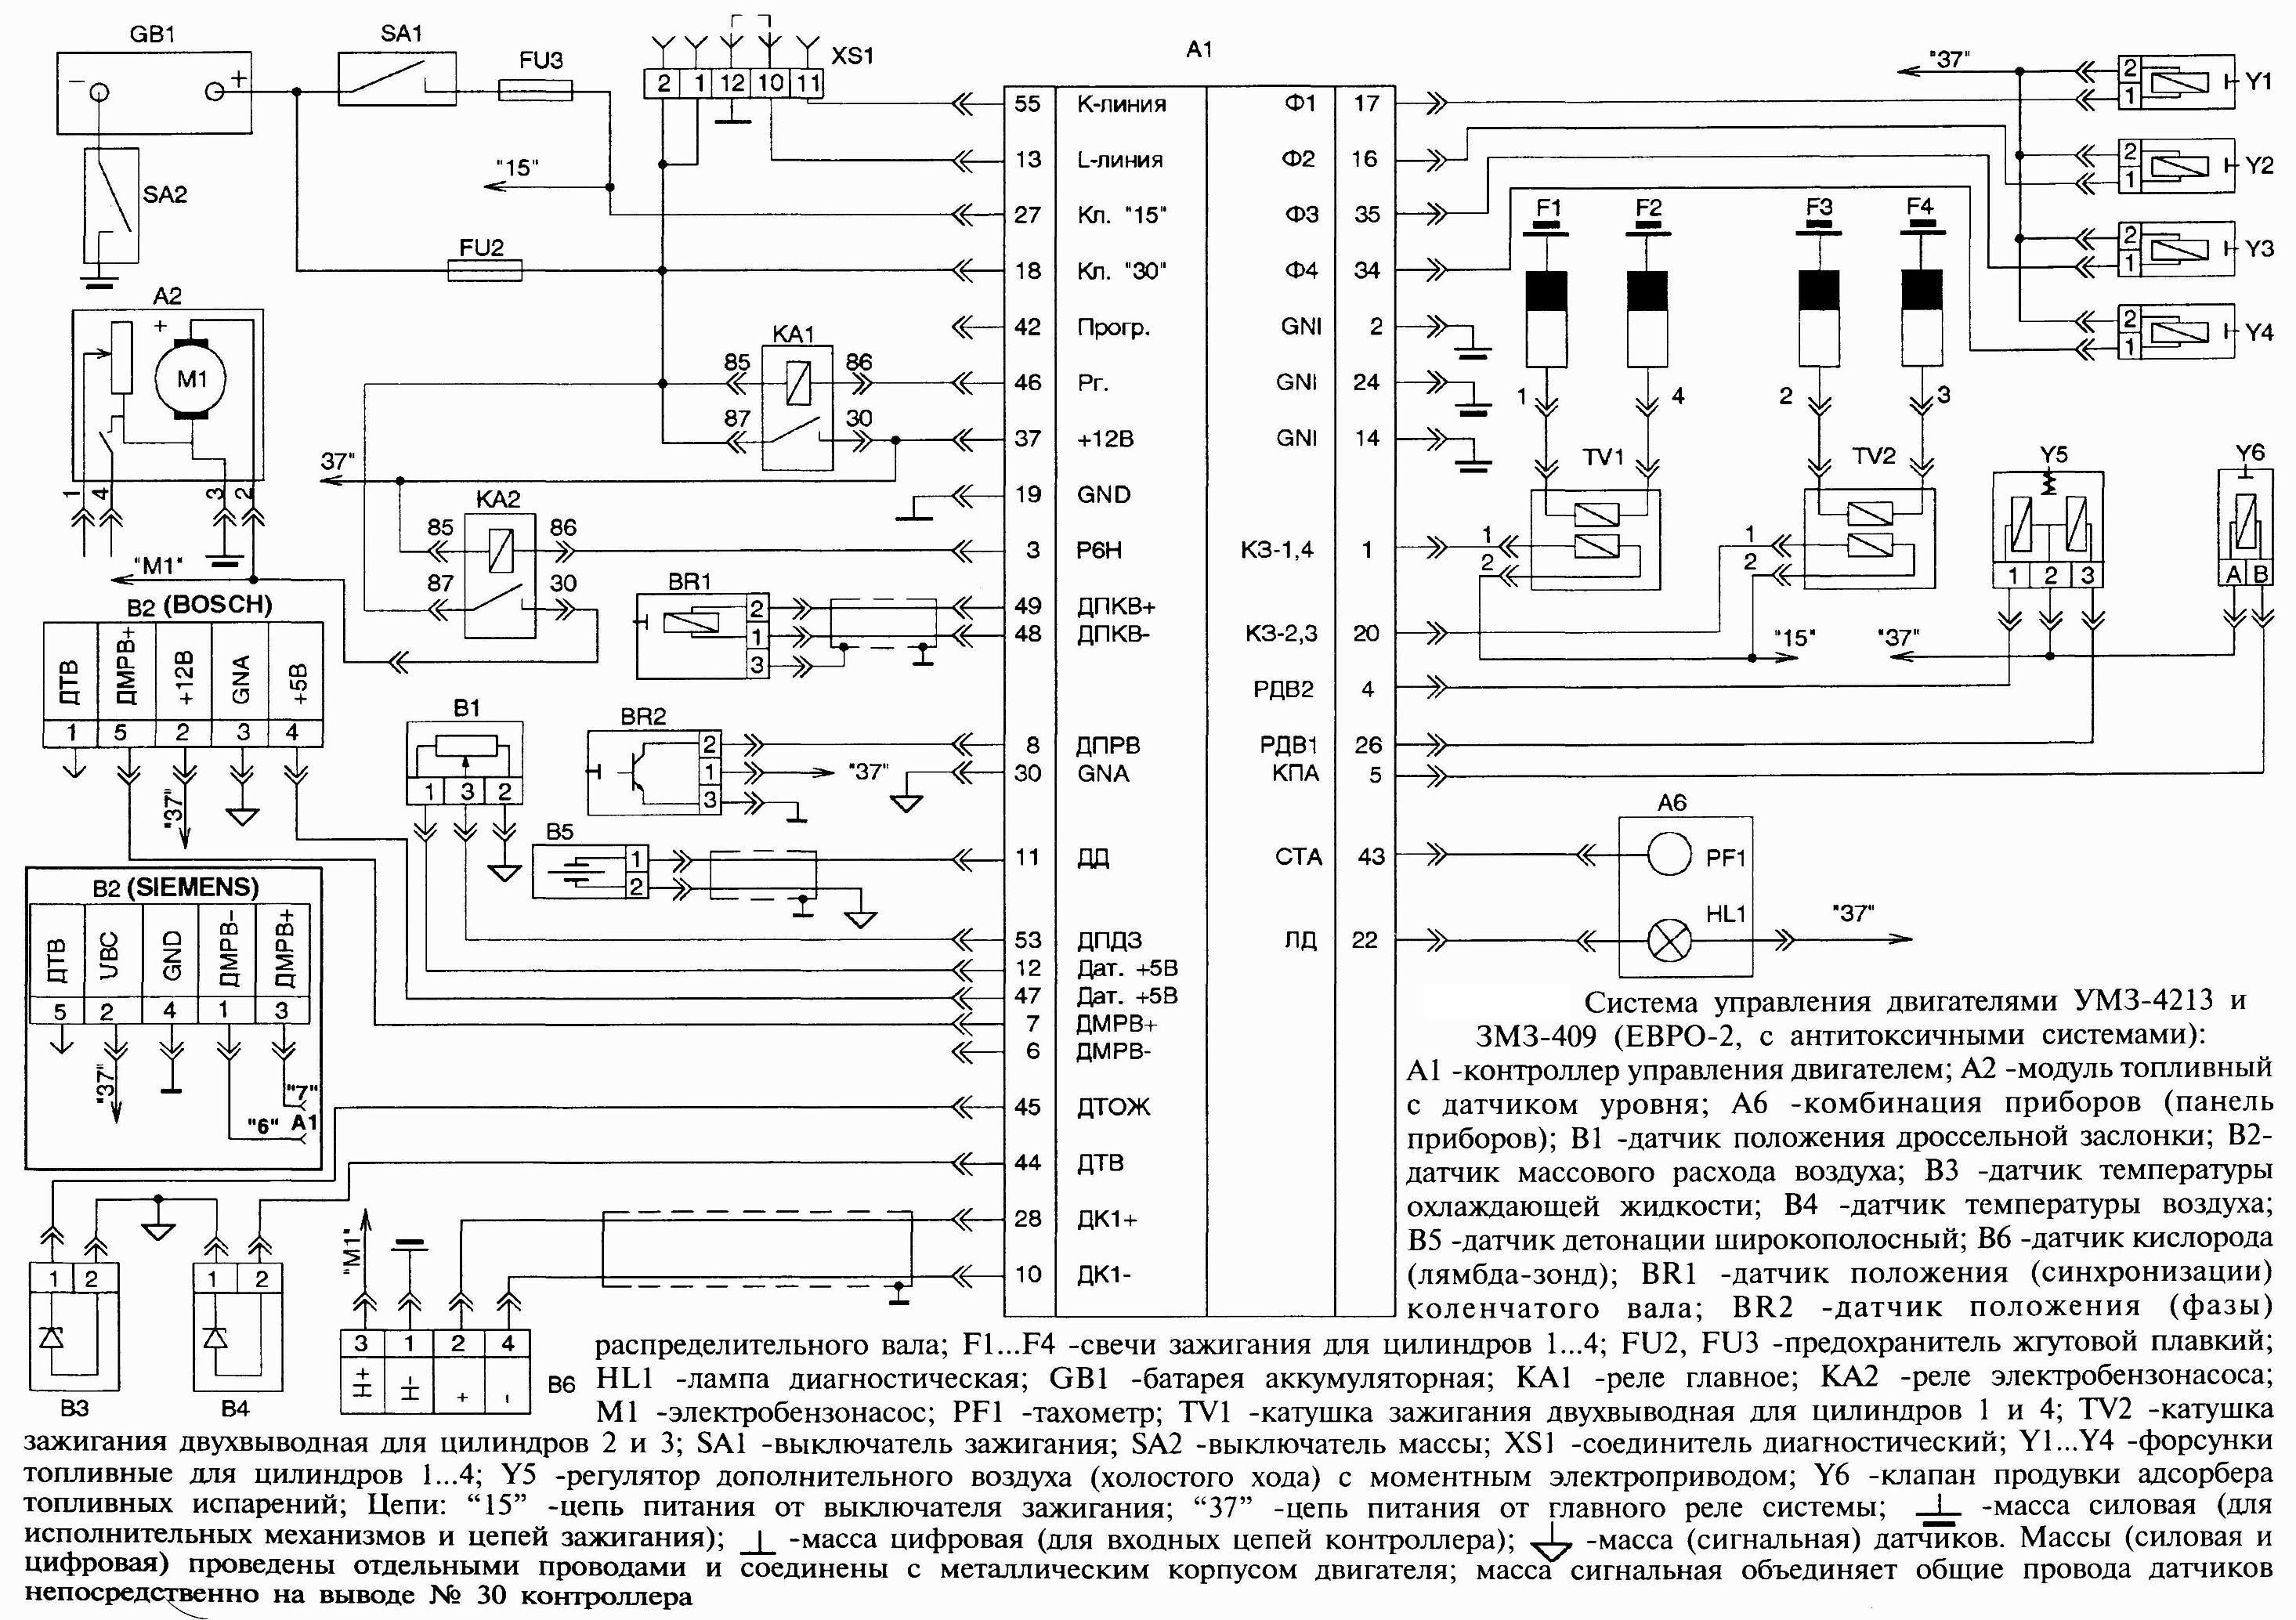 Схема кмпсуд микас 7.1